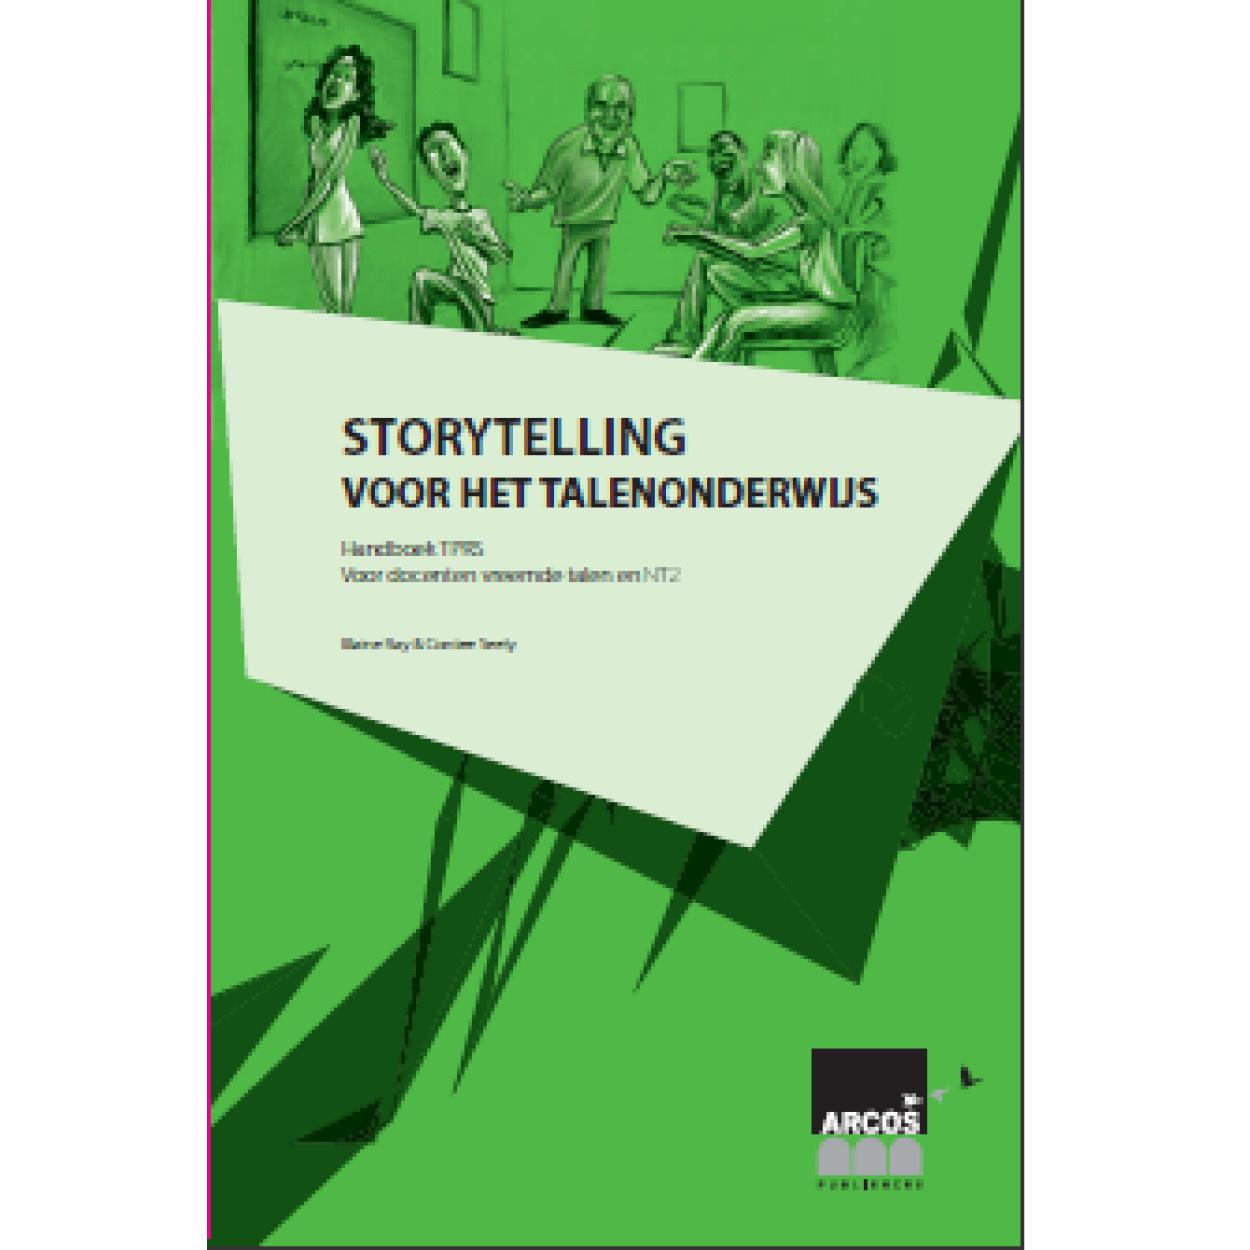 Storytelling voor het talenonderwijs